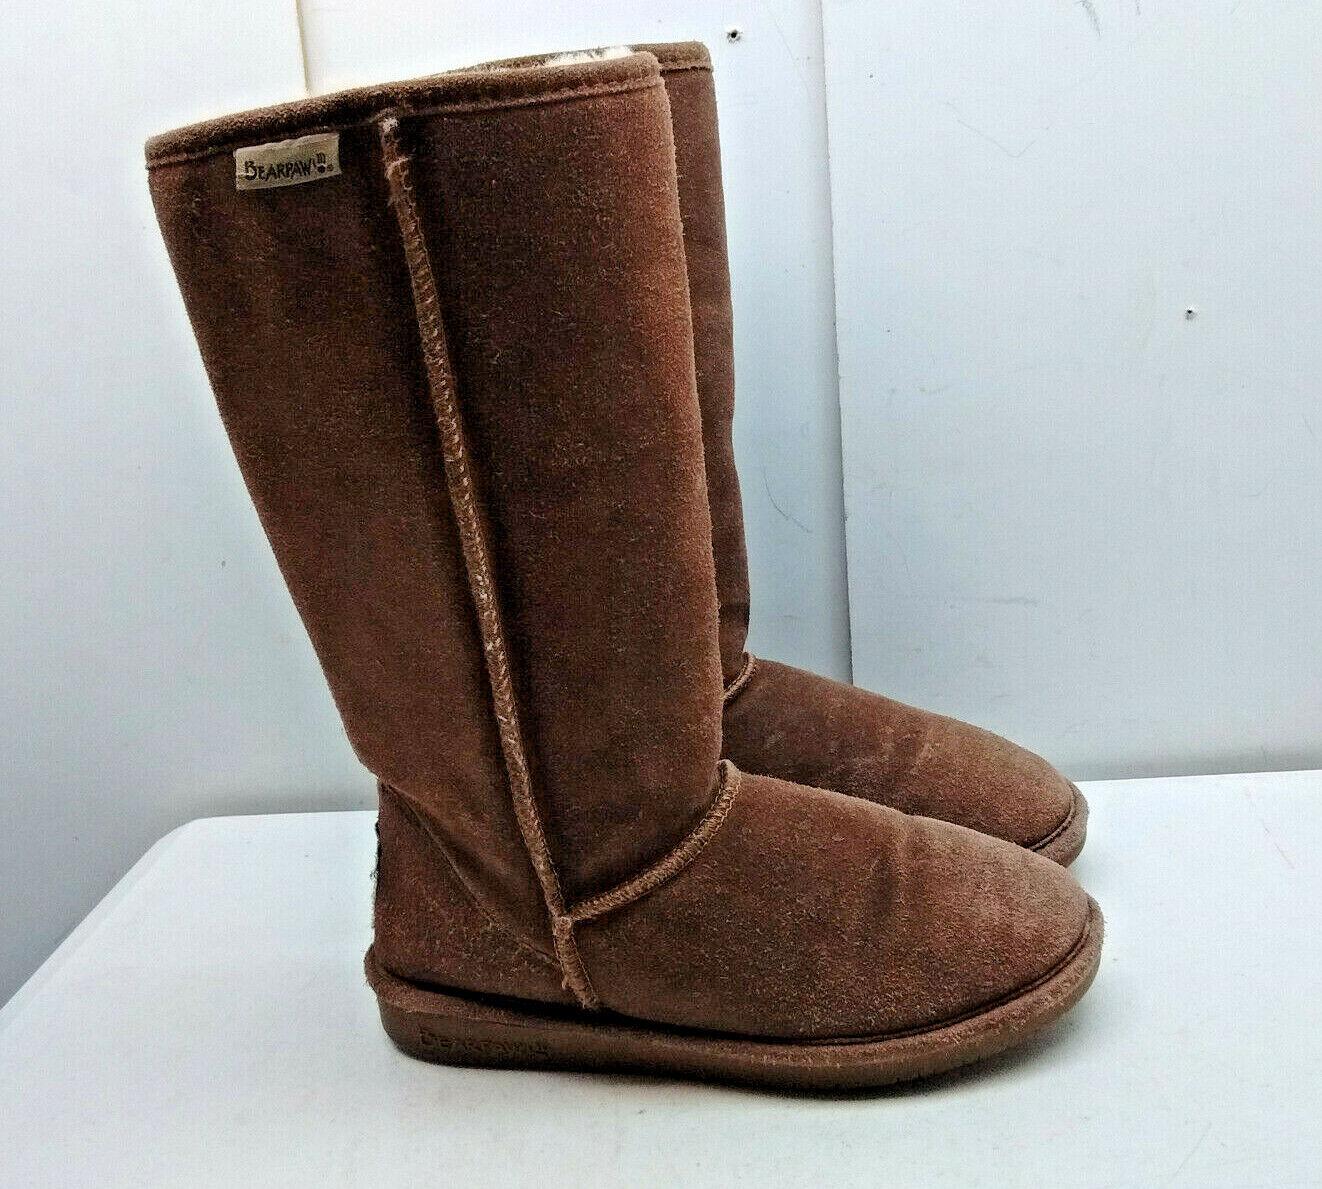 popular Bearpaw Gamuza marrón marrón marrón de piel de oveja con aislamiento de Alto Bota Invierno Nieve Lluvia Zapato de mujer 8M  Compra calidad 100% autentica